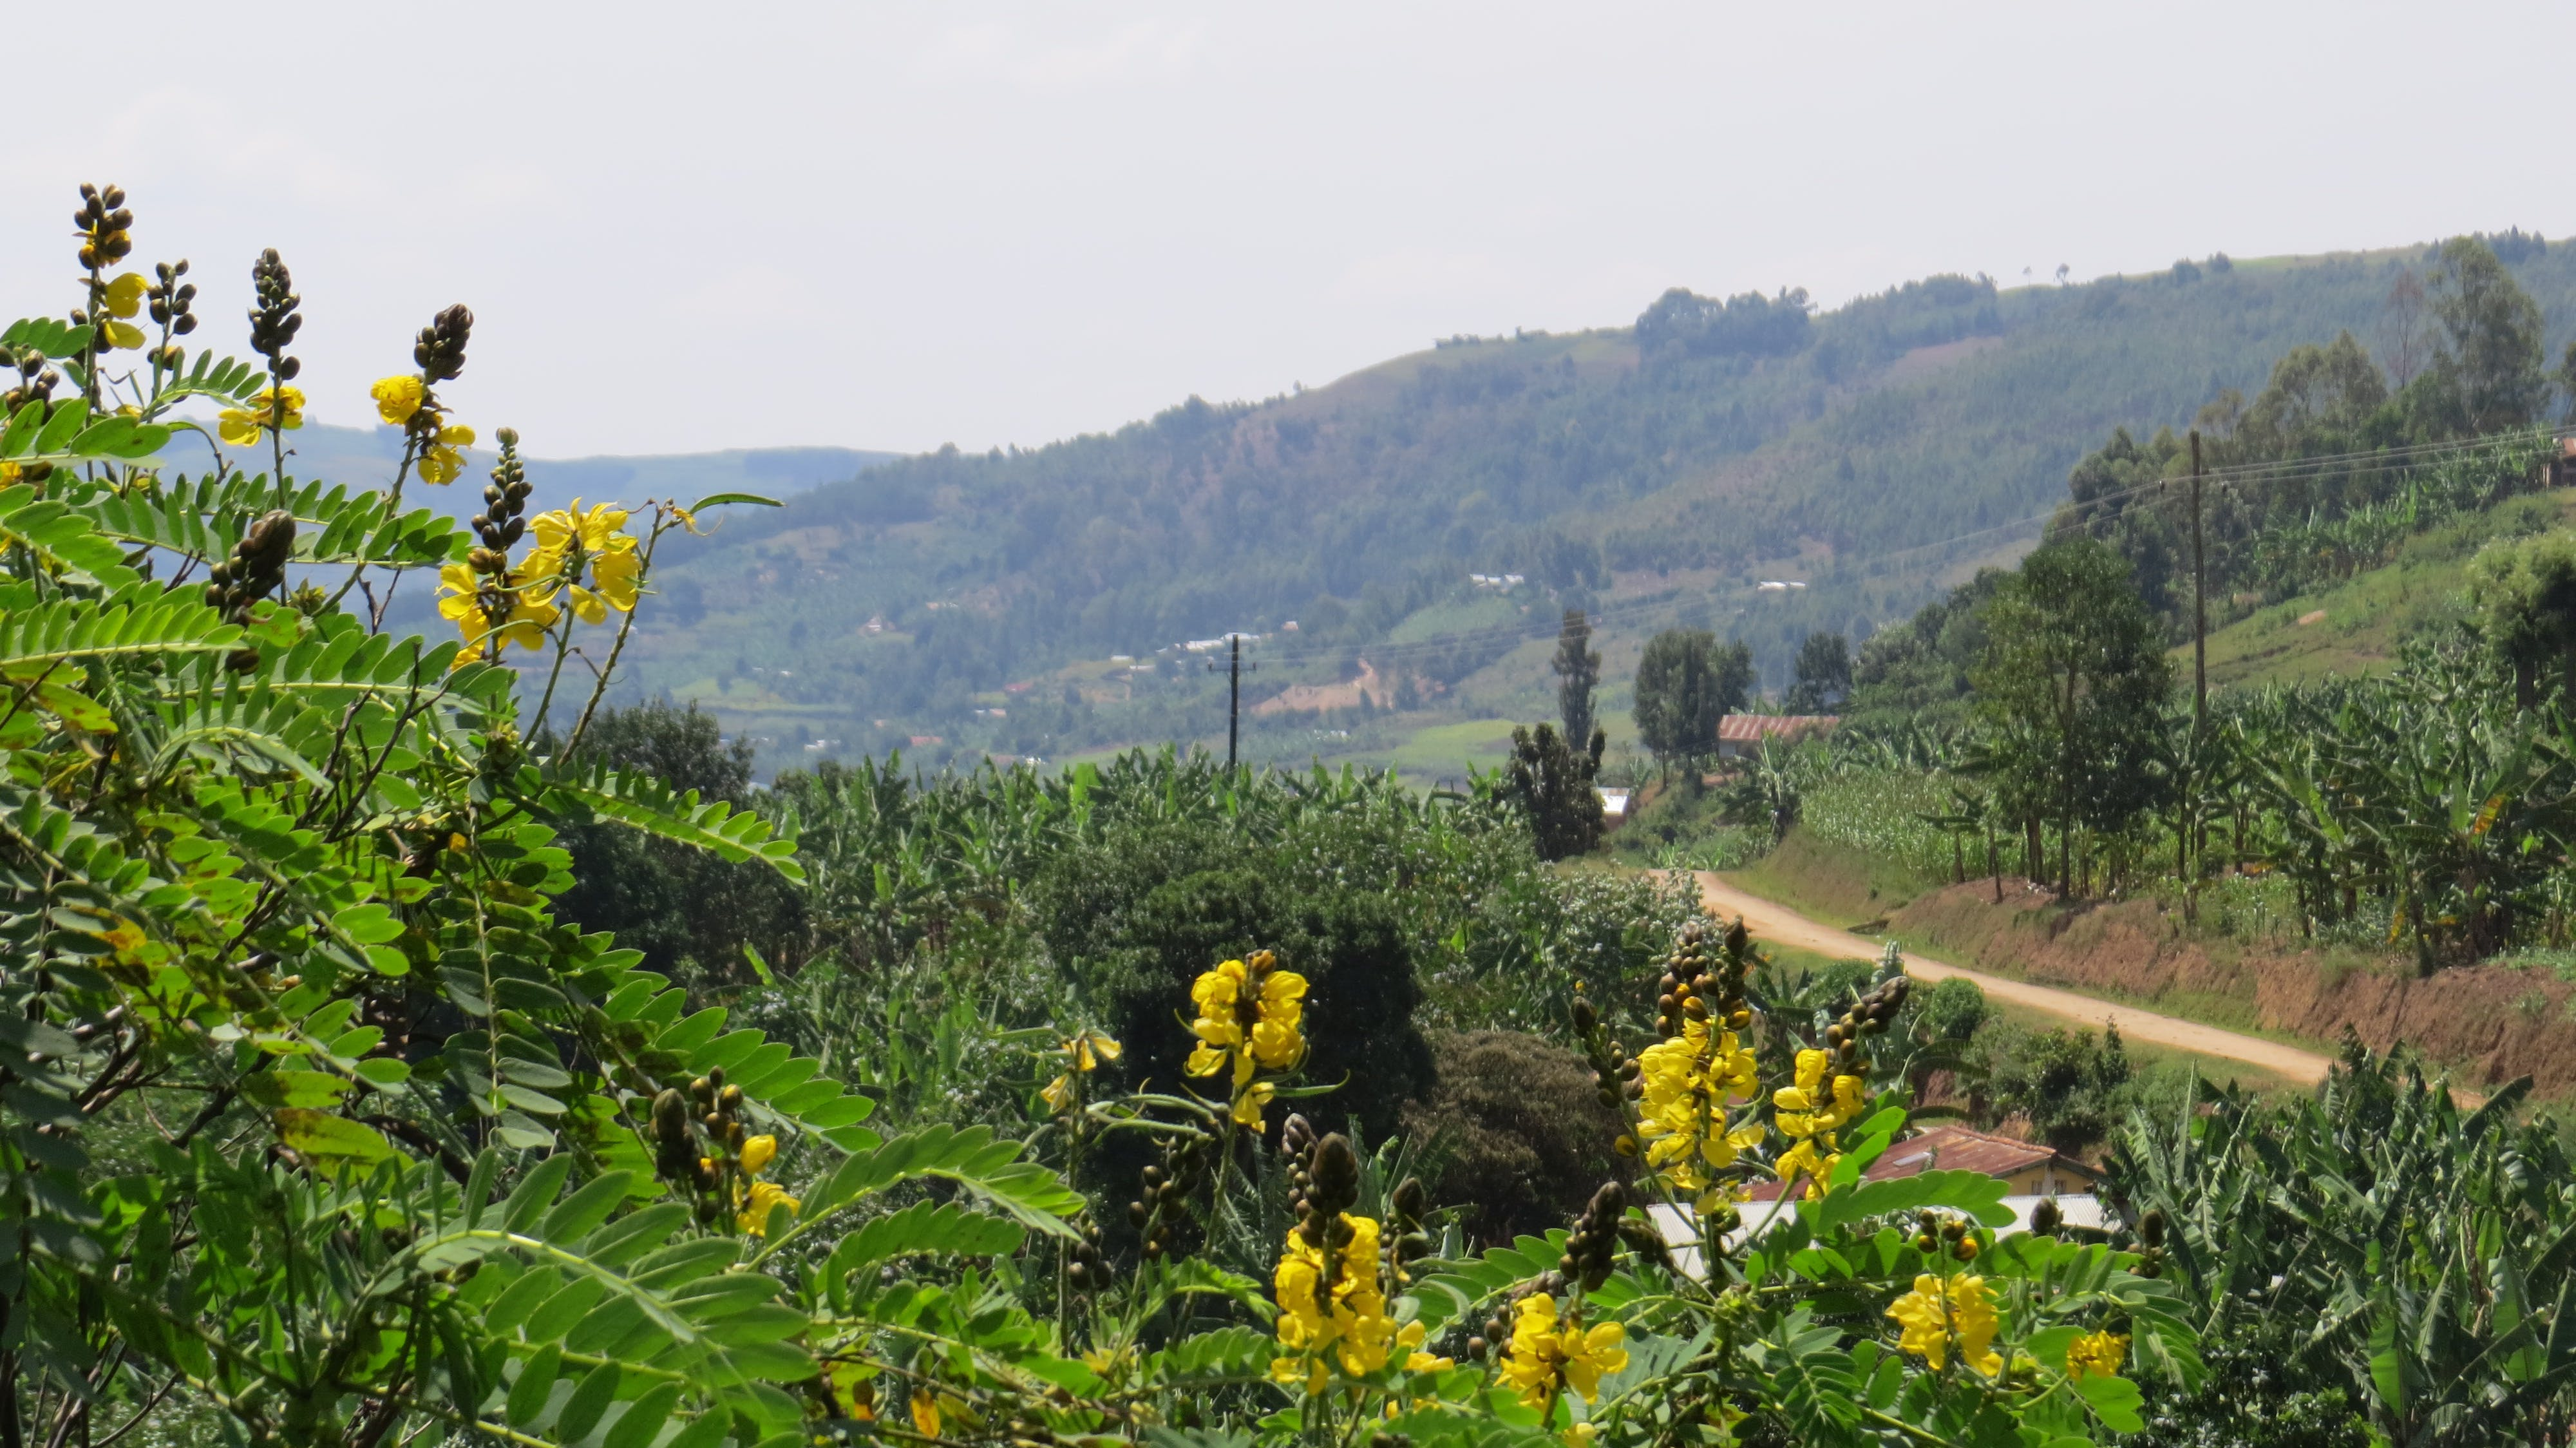 Δωρεάν στοκ φωτογραφιών με Αφρική, ουγκάντα